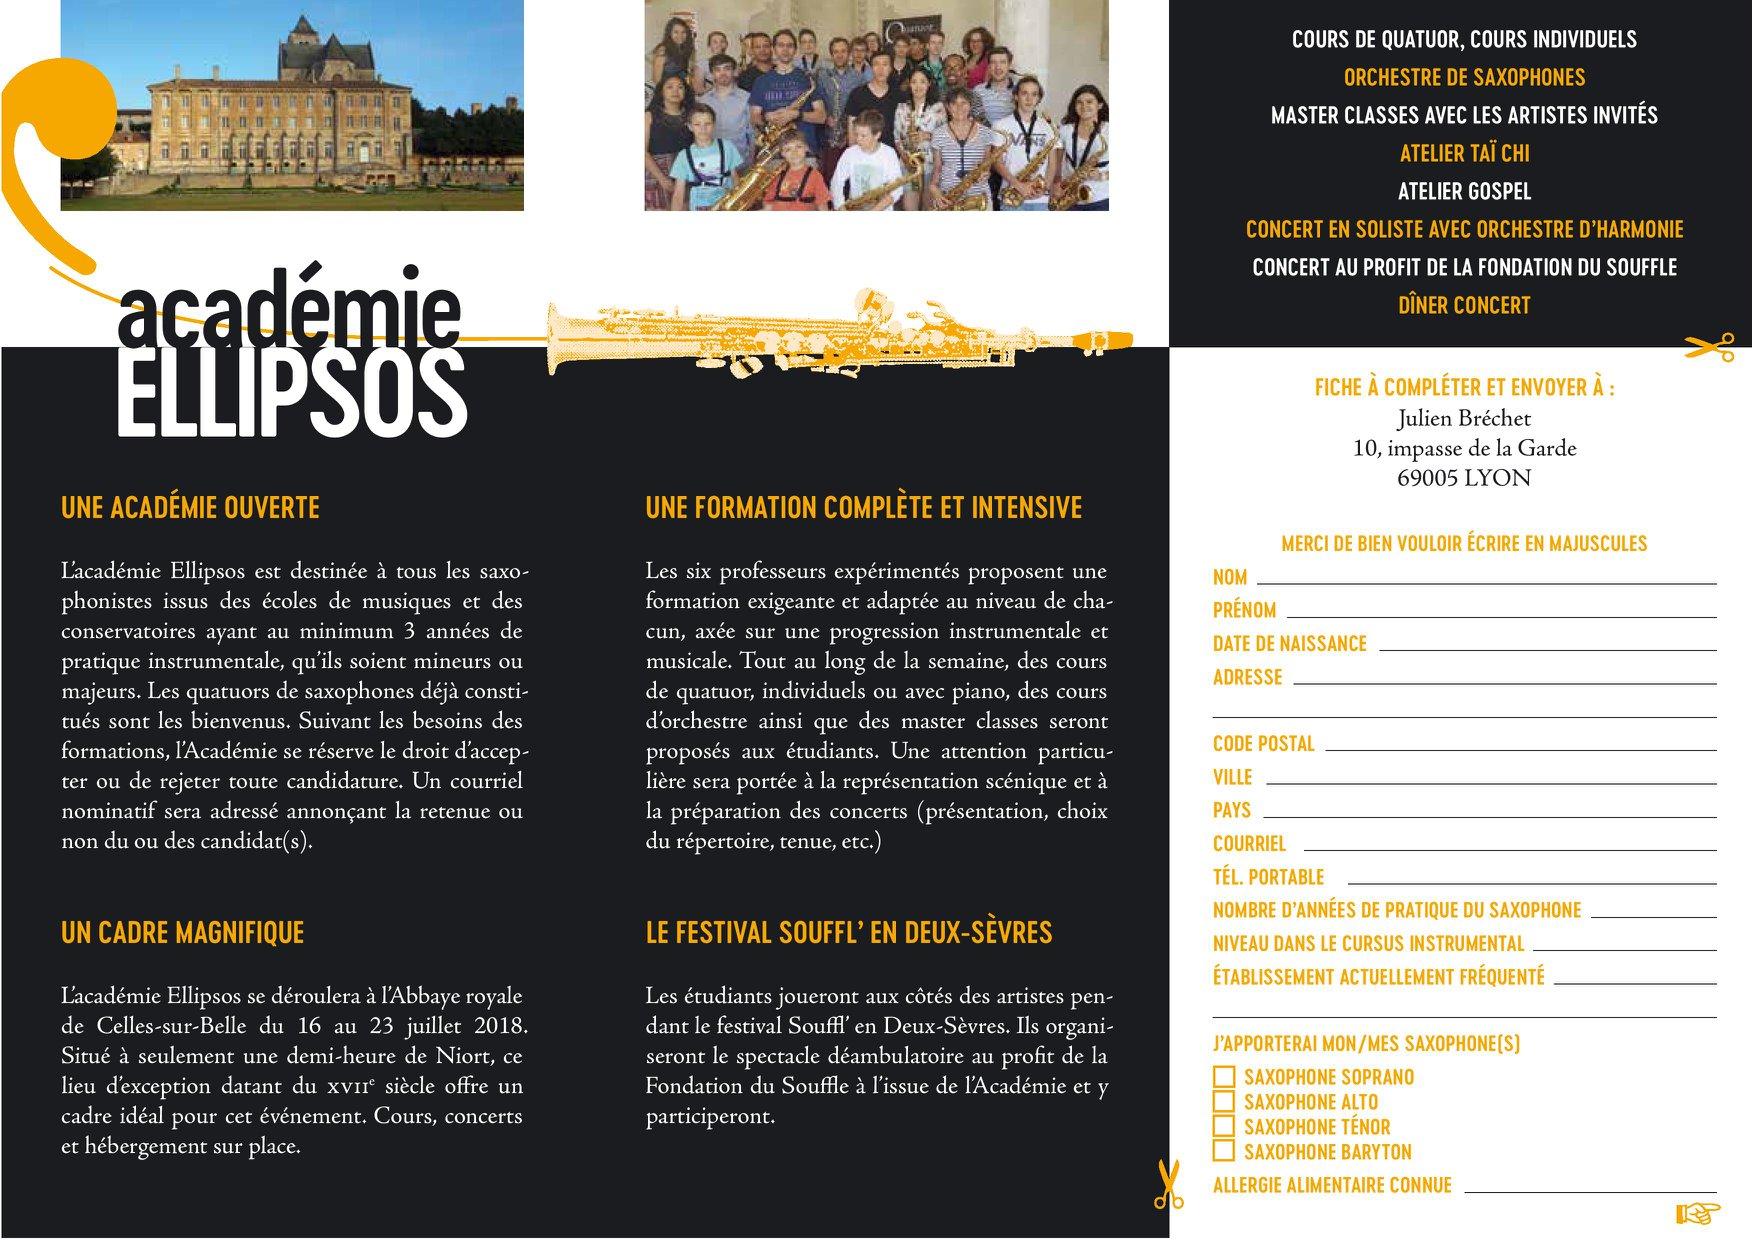 Adolphesax.com Academie Ellipsos 2018